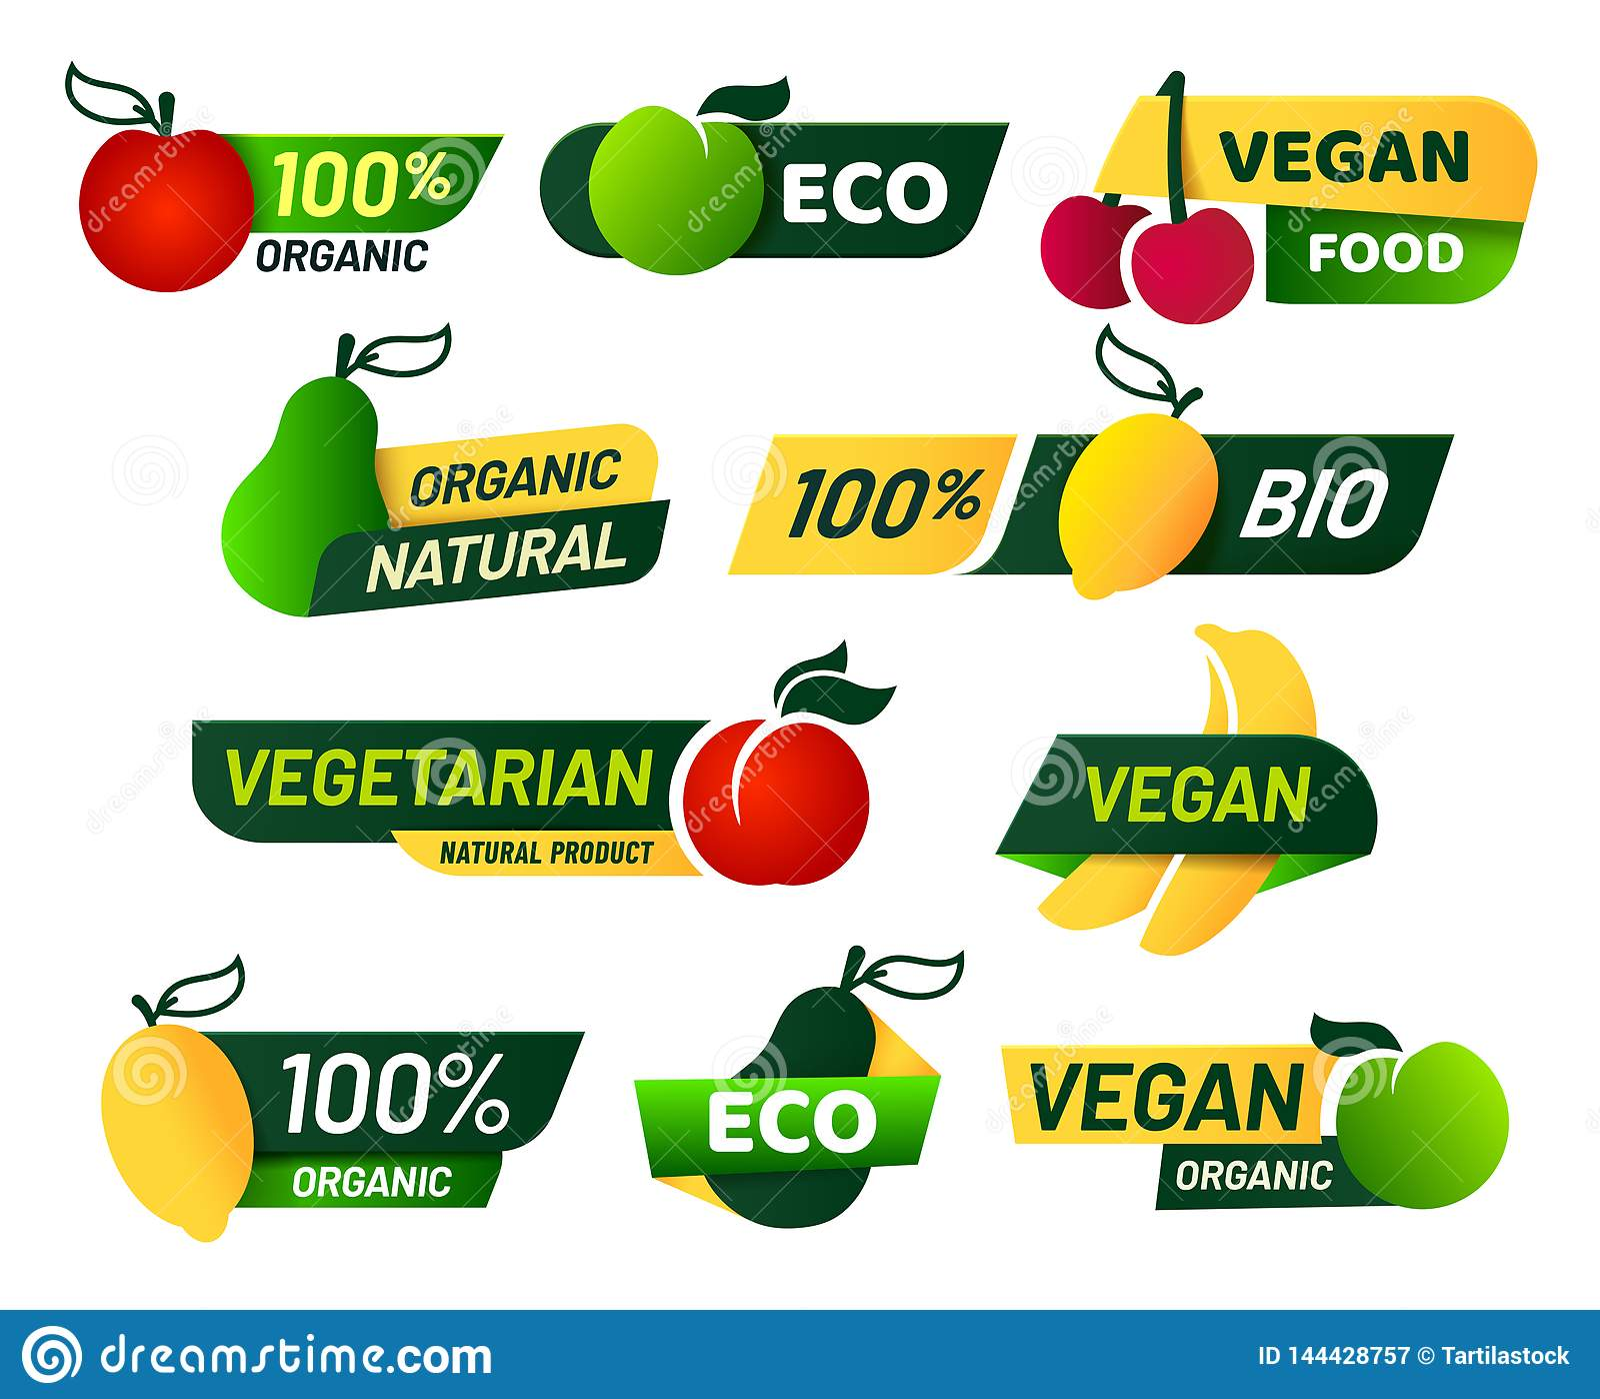 素食主义者标签 绿色eco食物、健康新鲜的有机产品和素食象征标签传染媒介集合